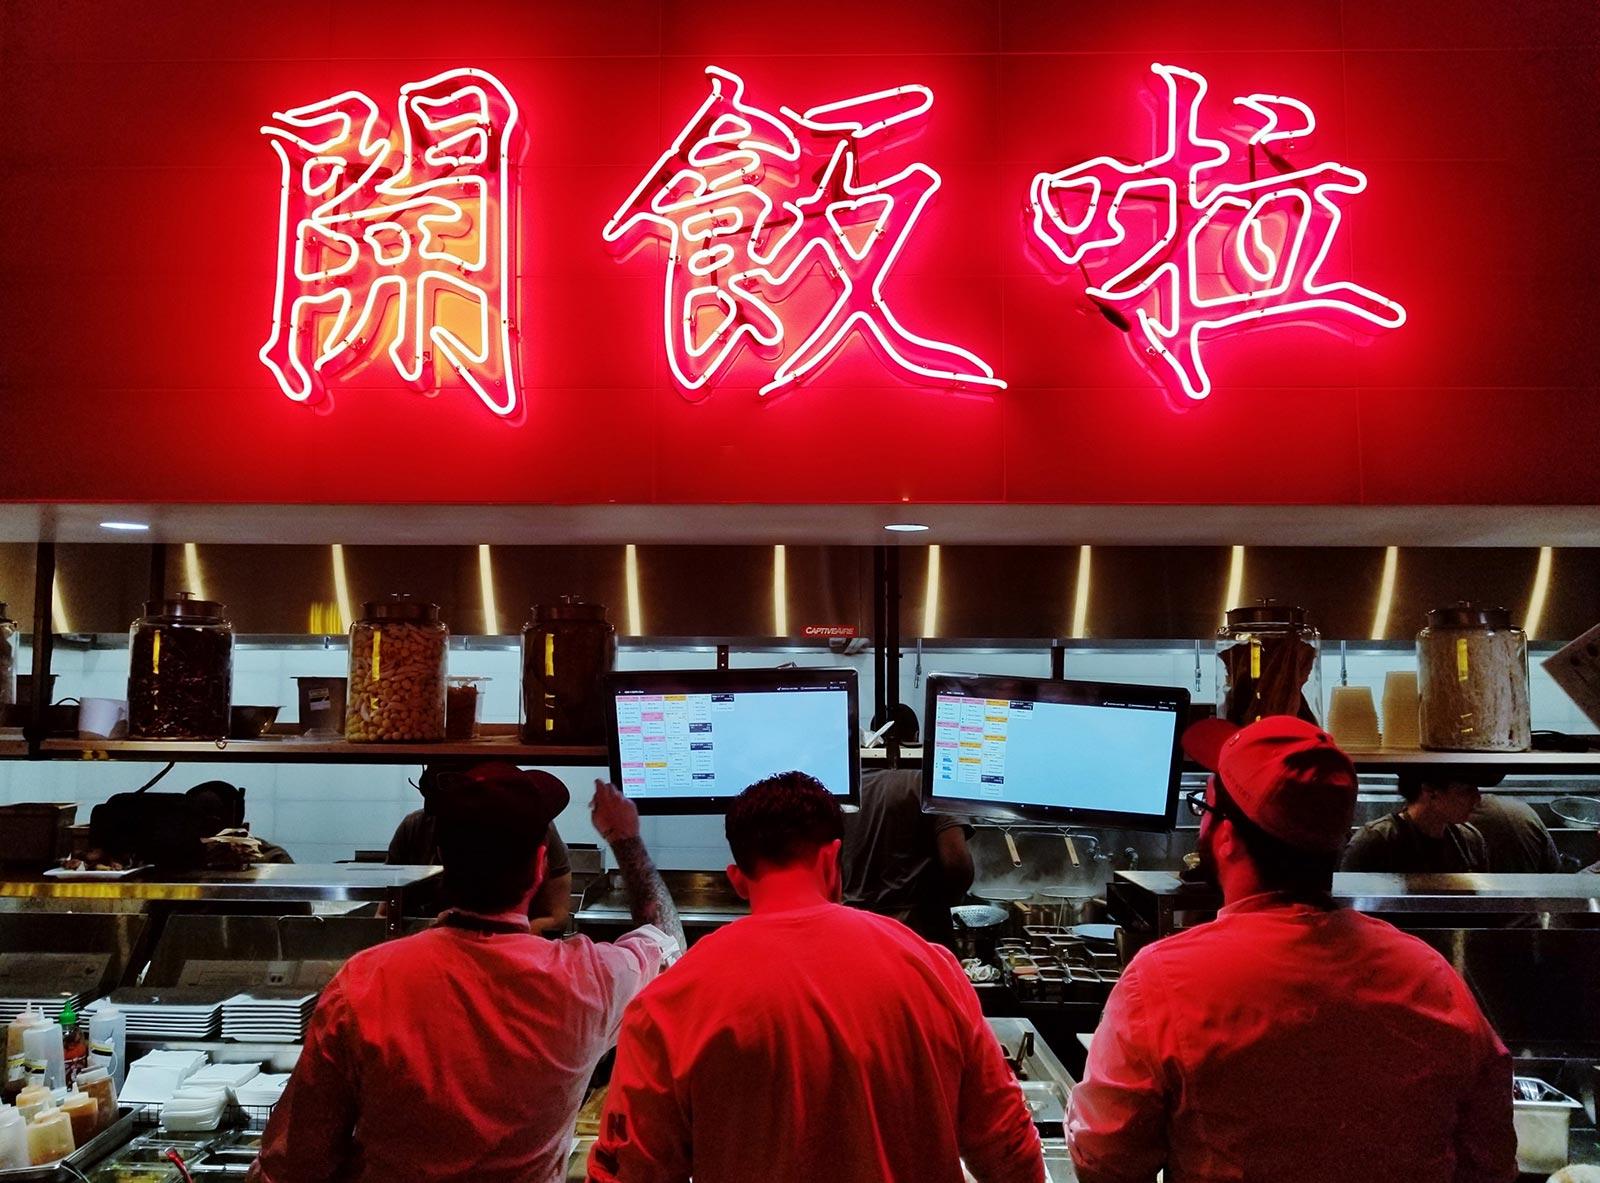 red neon kanji